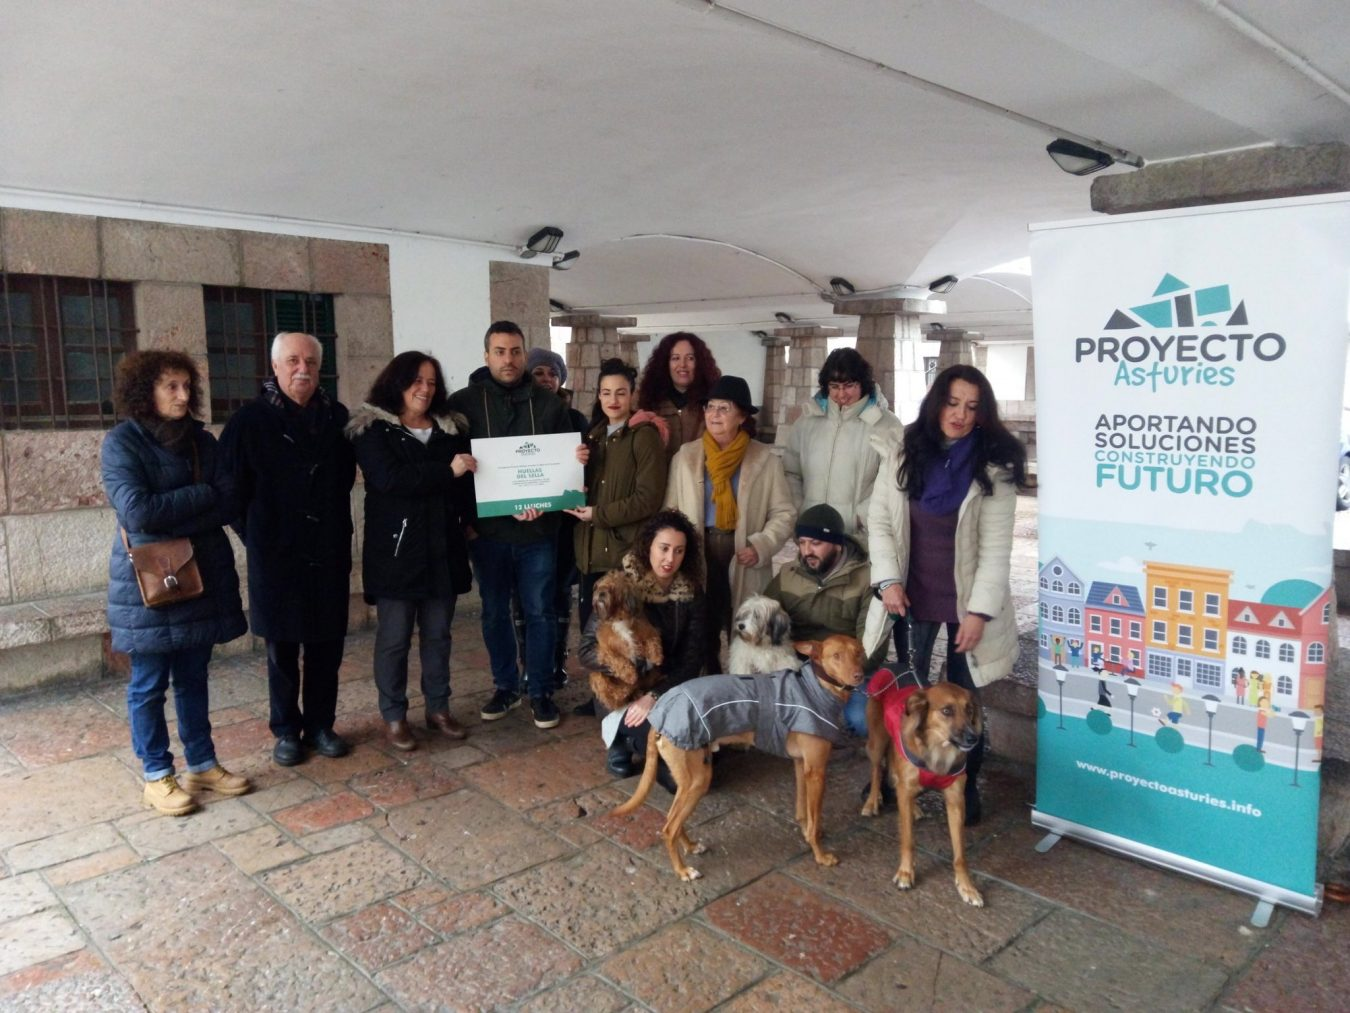 La Asociación Huellas del Sella gana el Proyecto Asturies